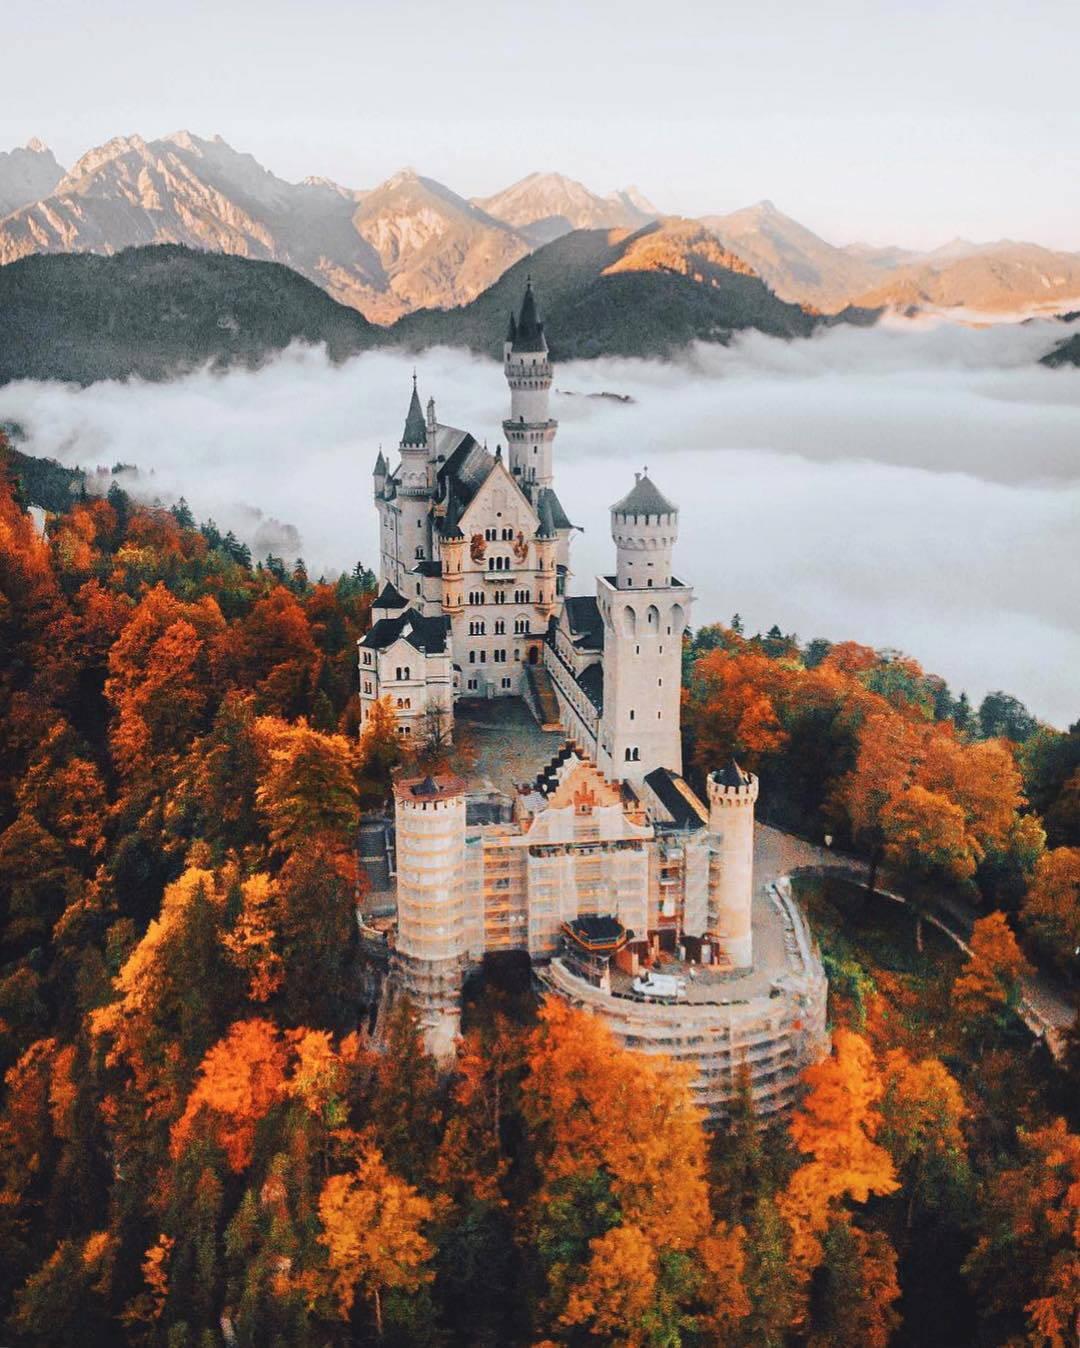 Neuschwanstein Castle Veerle S Blog 4 0